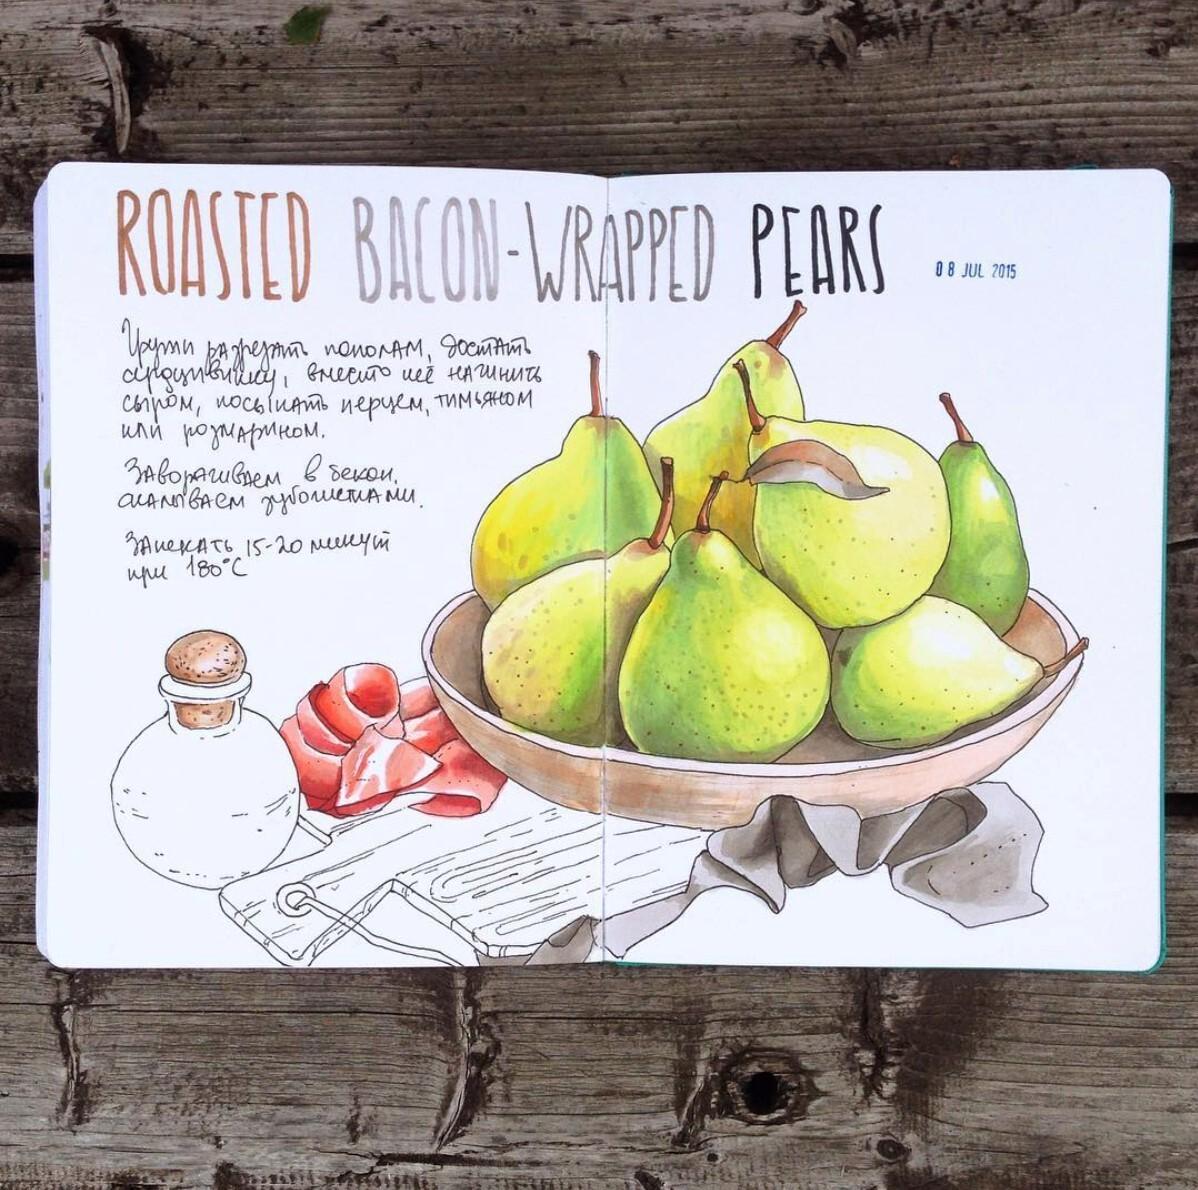 <p> В иллюстрации этого рецепта акцент сделан на груши, их форму и цвет. Бекон выступает дополнением:&nbsp;красный подчеркивает контрастом основной зеленый цвет. </p>